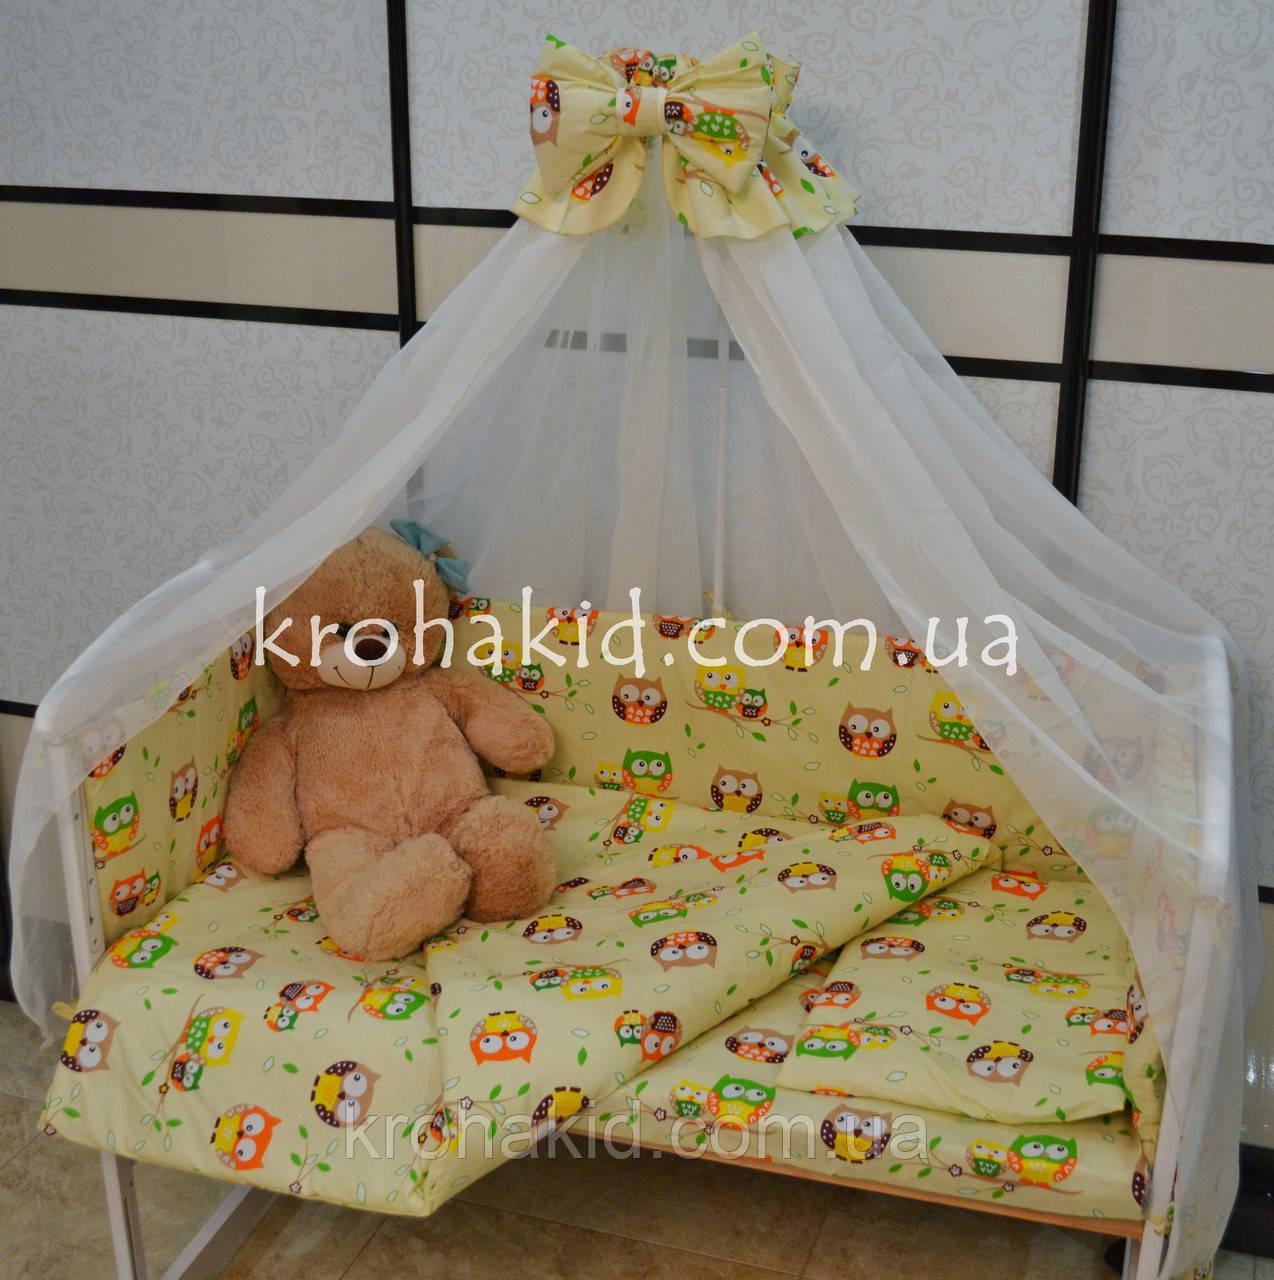 Набор детского постельного белья в кроватку совушки мелкие бежевый / Бортики в кроватку / Защита в манеж